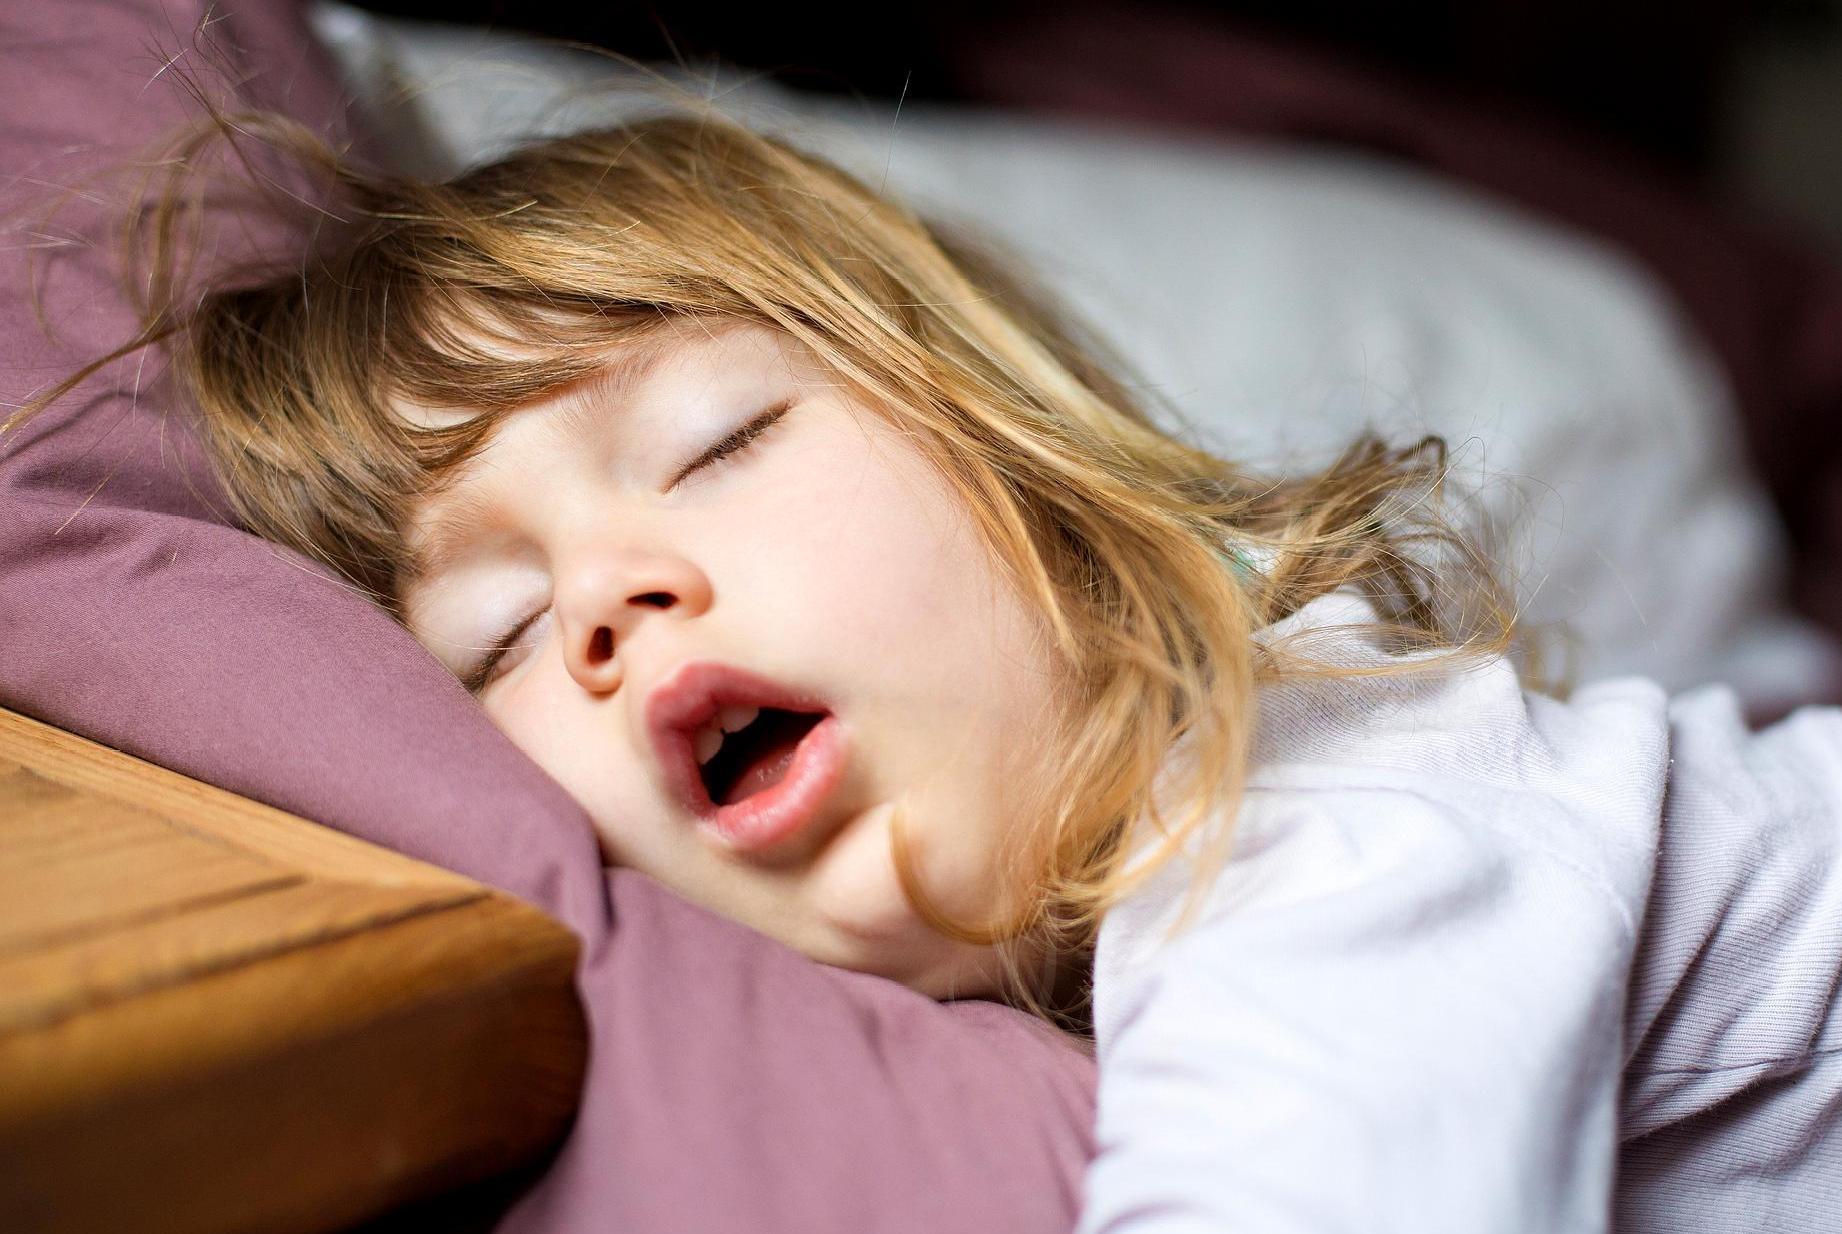 晚睡不足,午睡来补?新加坡科学家称,这样做可能会影响你的健康